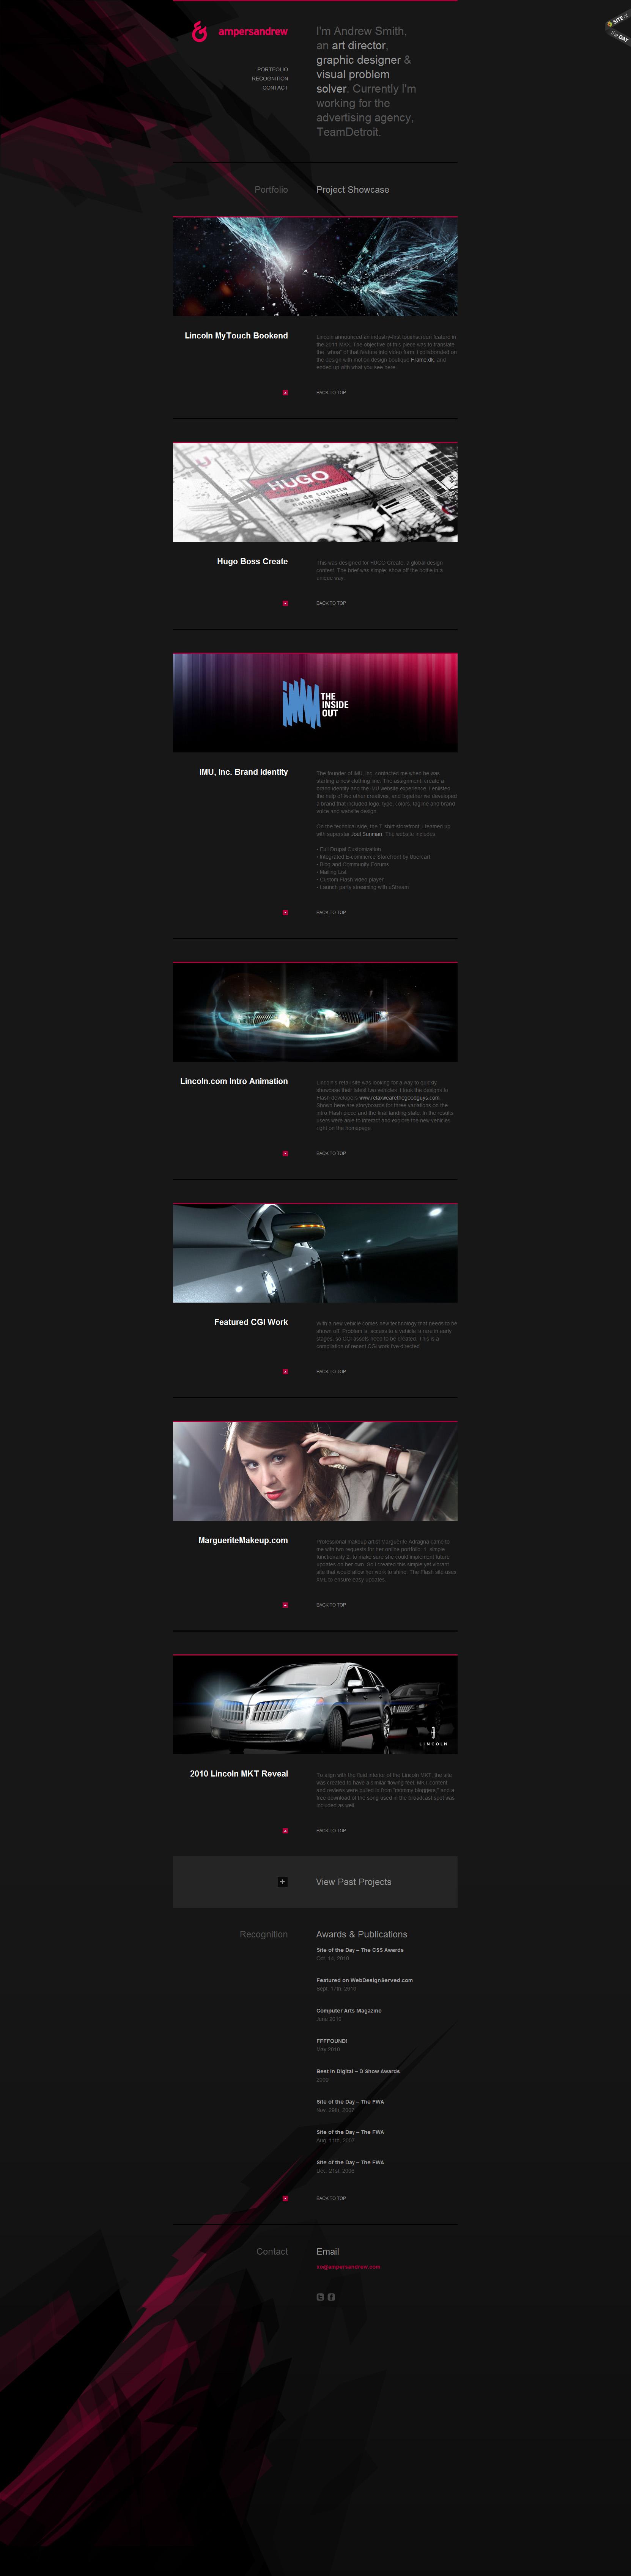 ampersandrew Website Screenshot